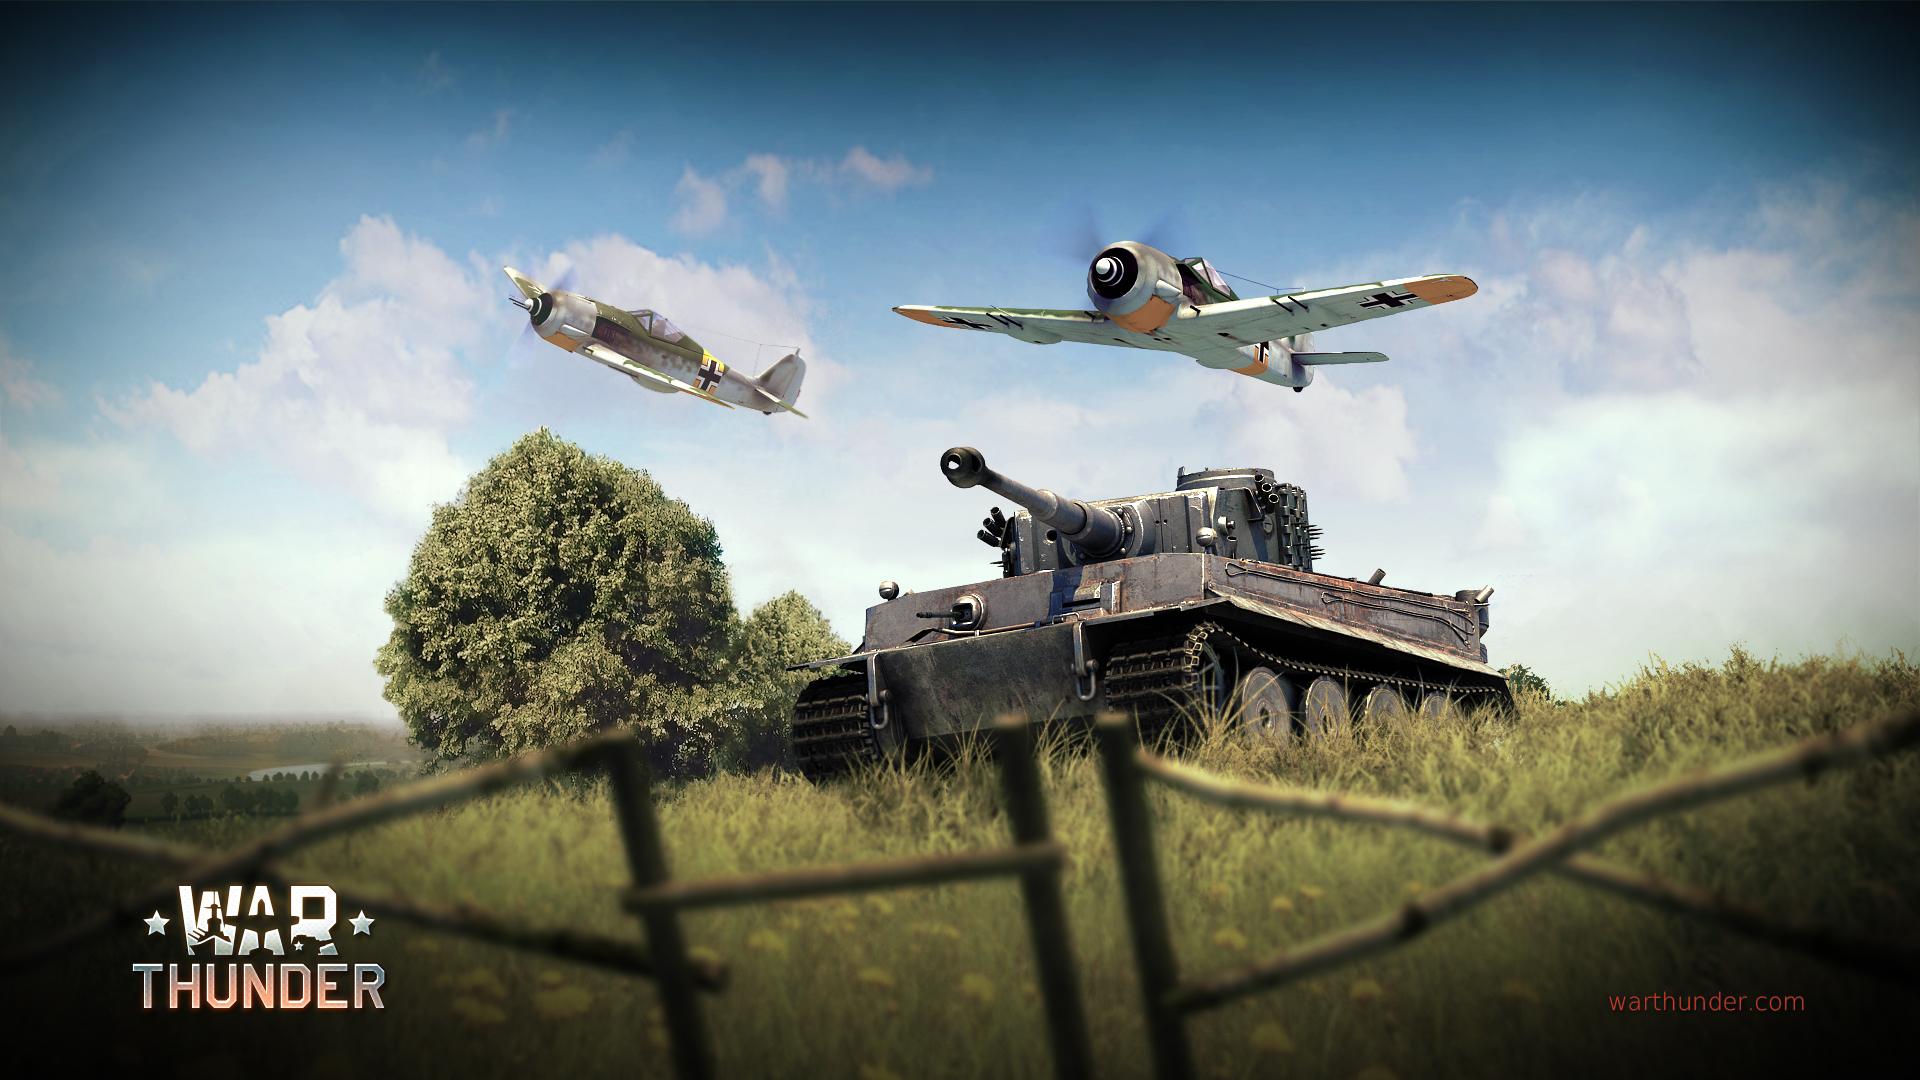 tank_1920.jpg